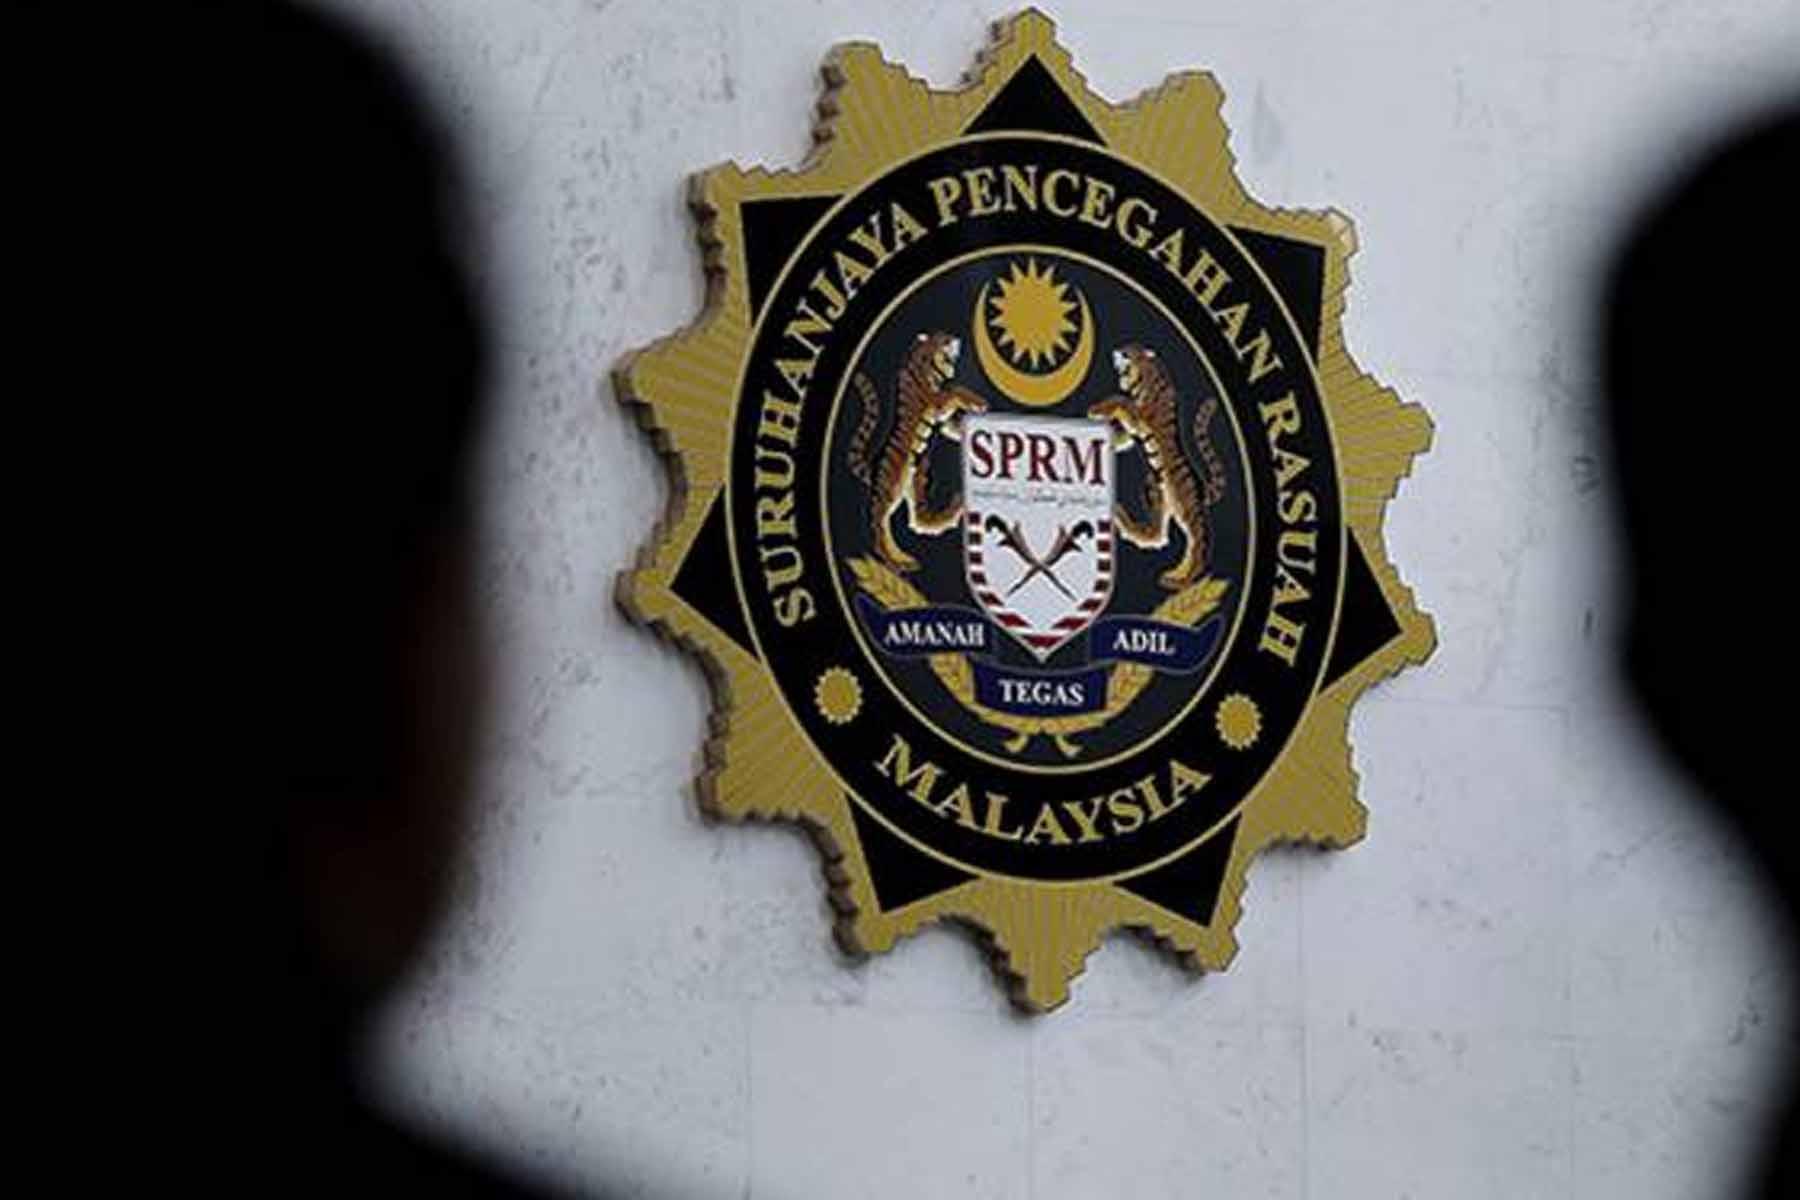 Tujuh penjaga kaunter JPJ ditahan SPRM, kes babitkan RM3.1 juta